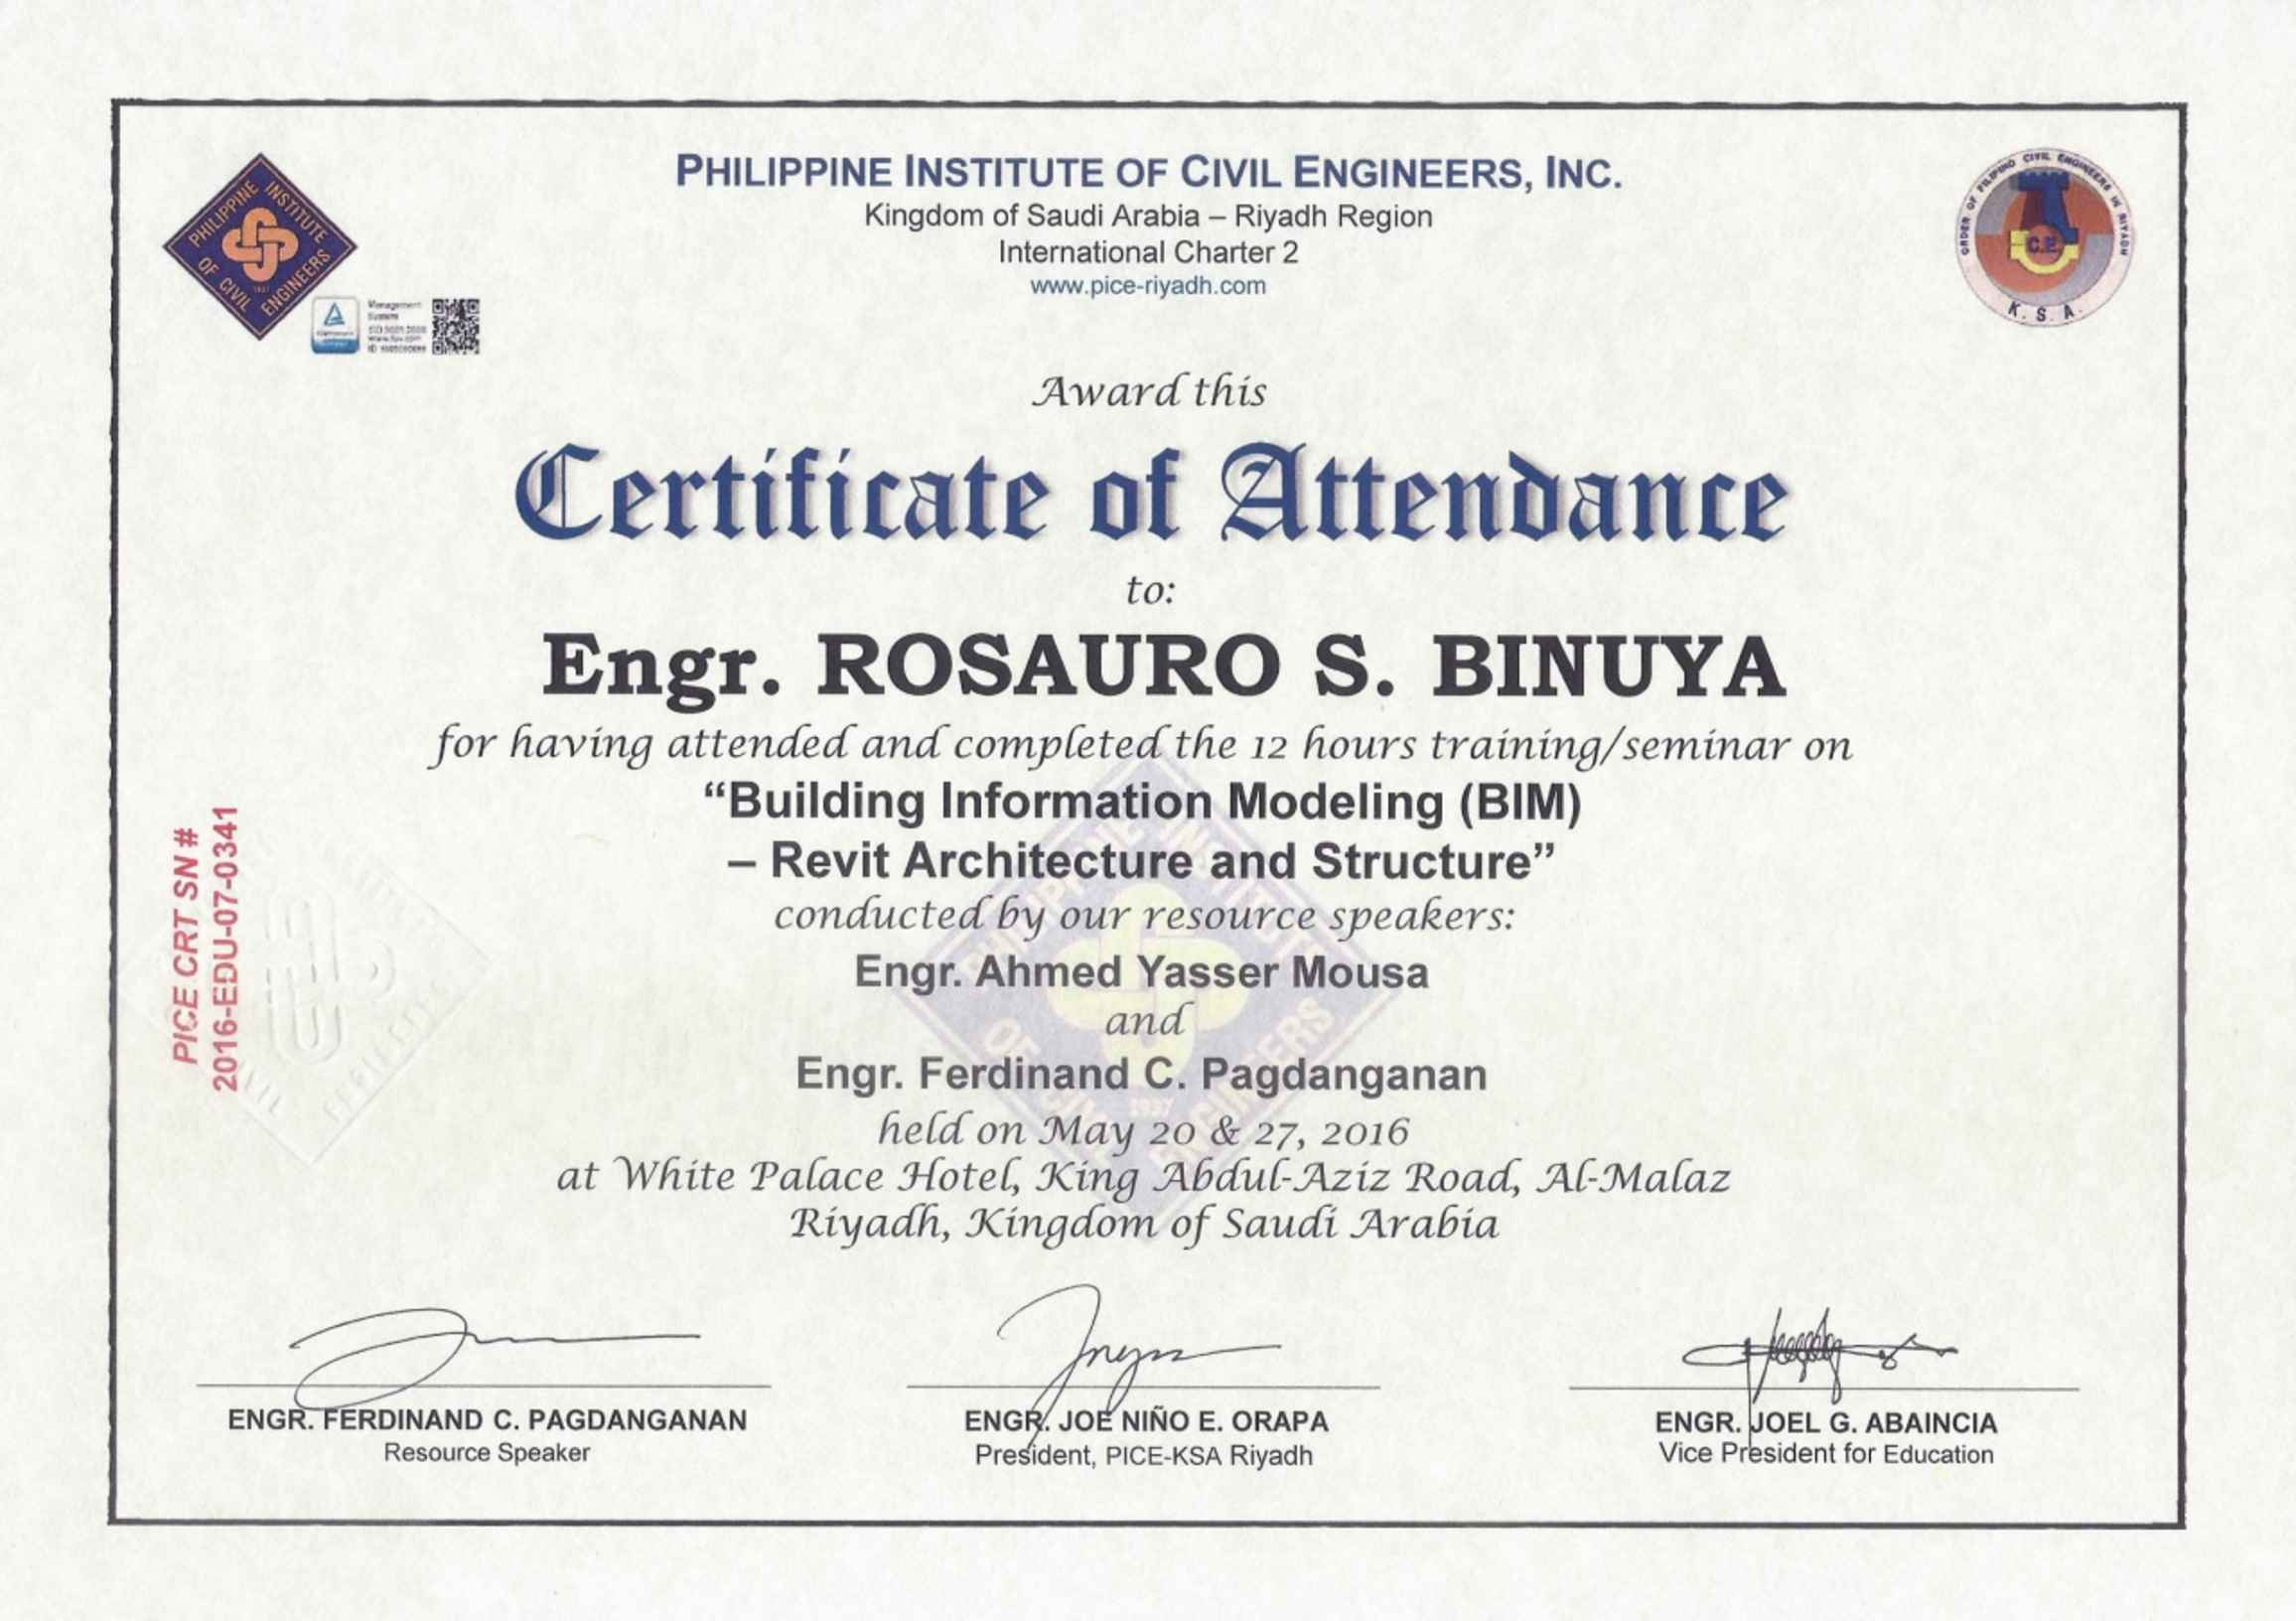 Rosauro binuya bayt training institute philippine institute of civil engineers inc ksa riyadh region yelopaper Choice Image